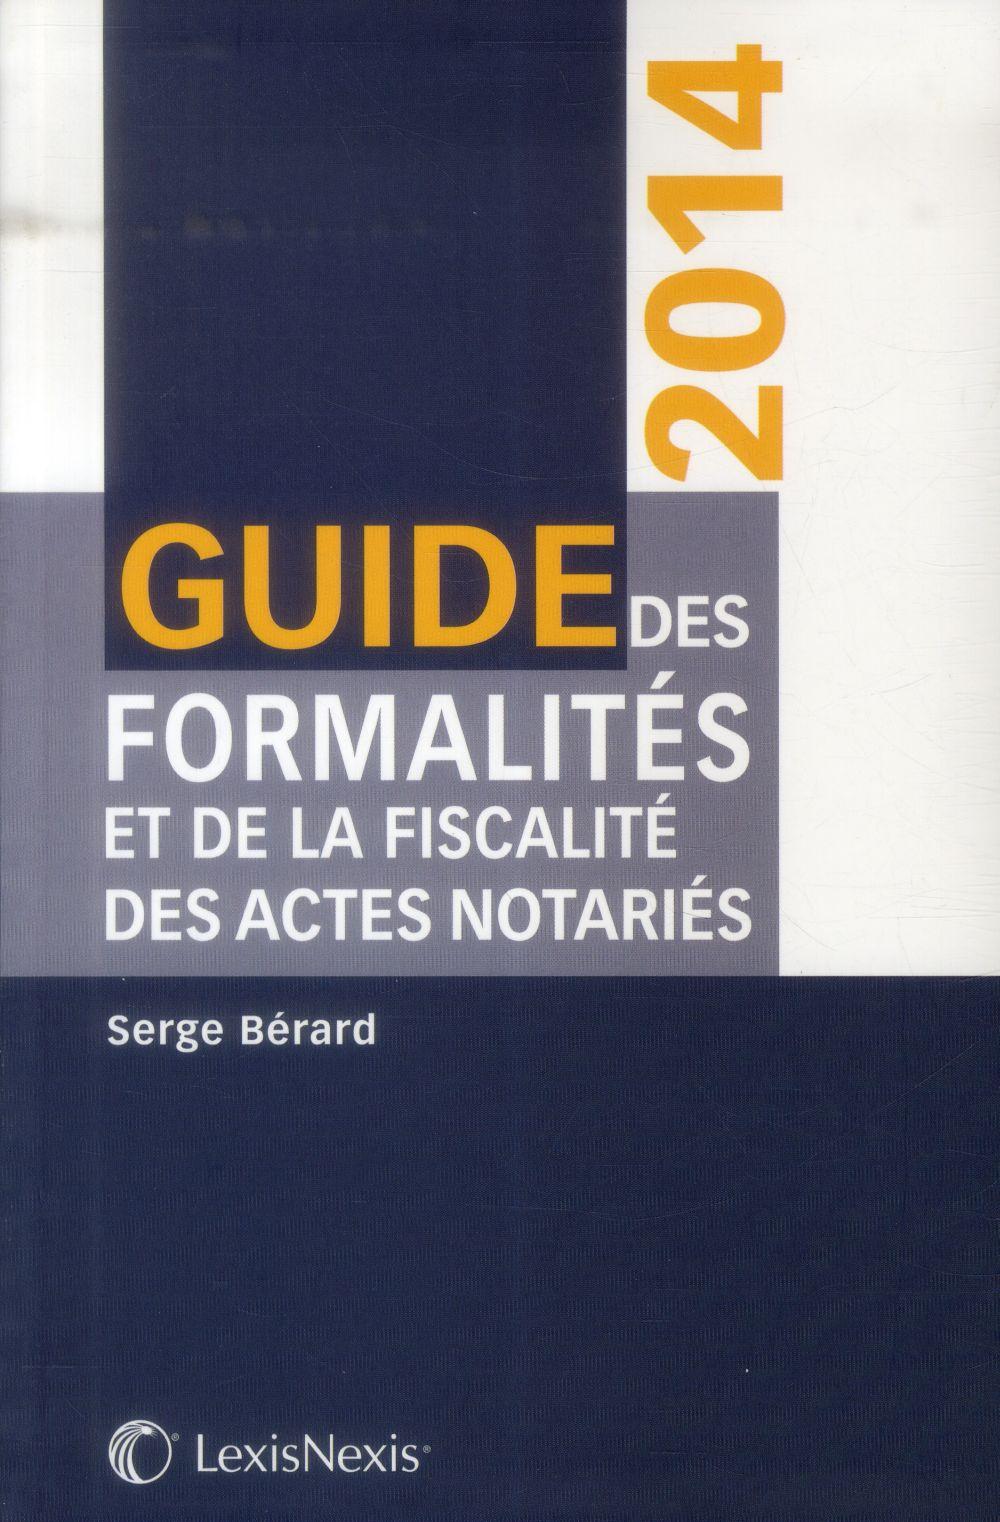 GUIDE DES FORMALITES ET DE LA FISCALITE DES ACTES NOTARIES 2014